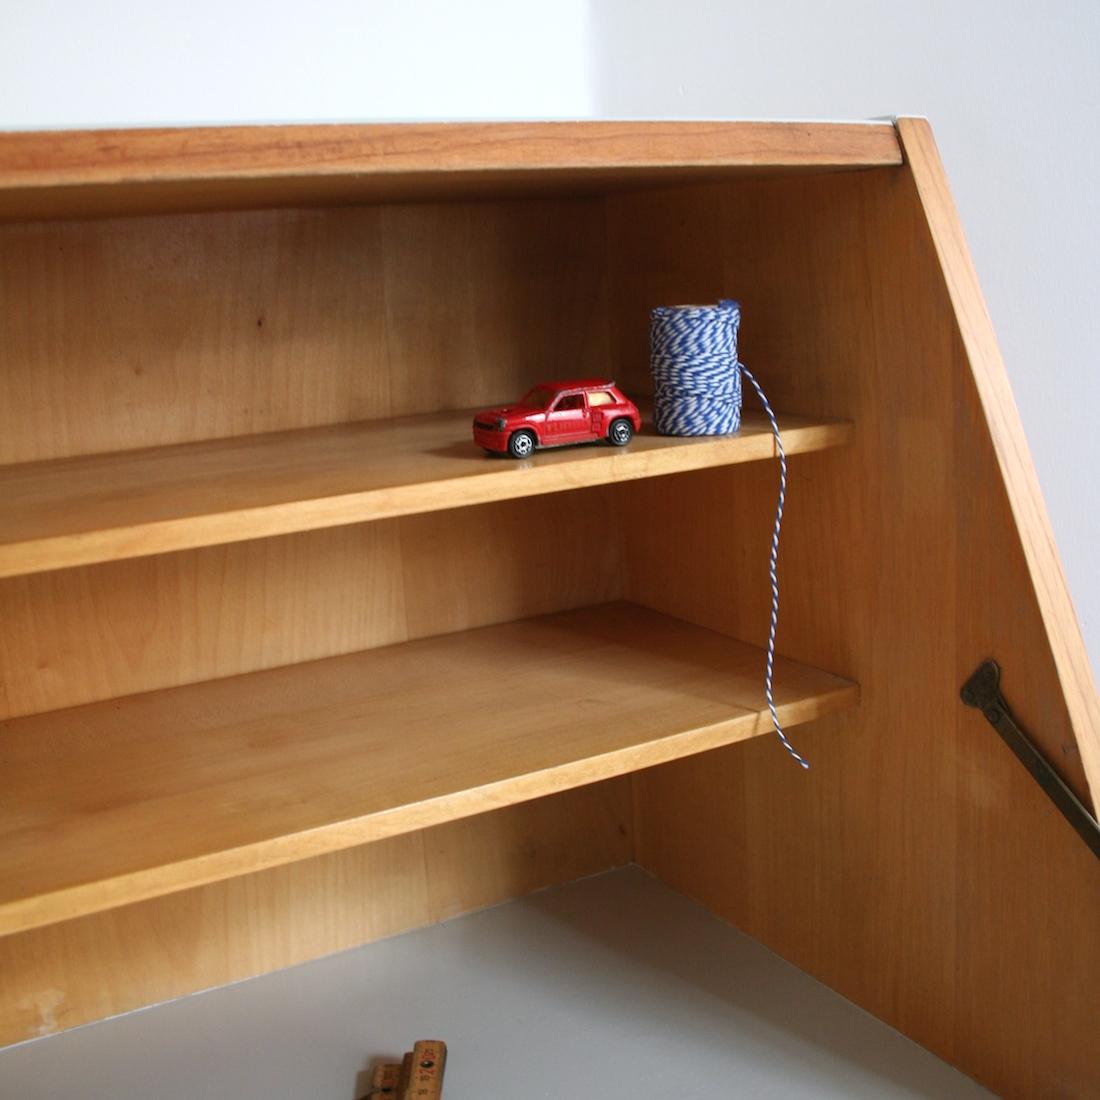 secr taire en bois blond la maison bruxelloise. Black Bedroom Furniture Sets. Home Design Ideas